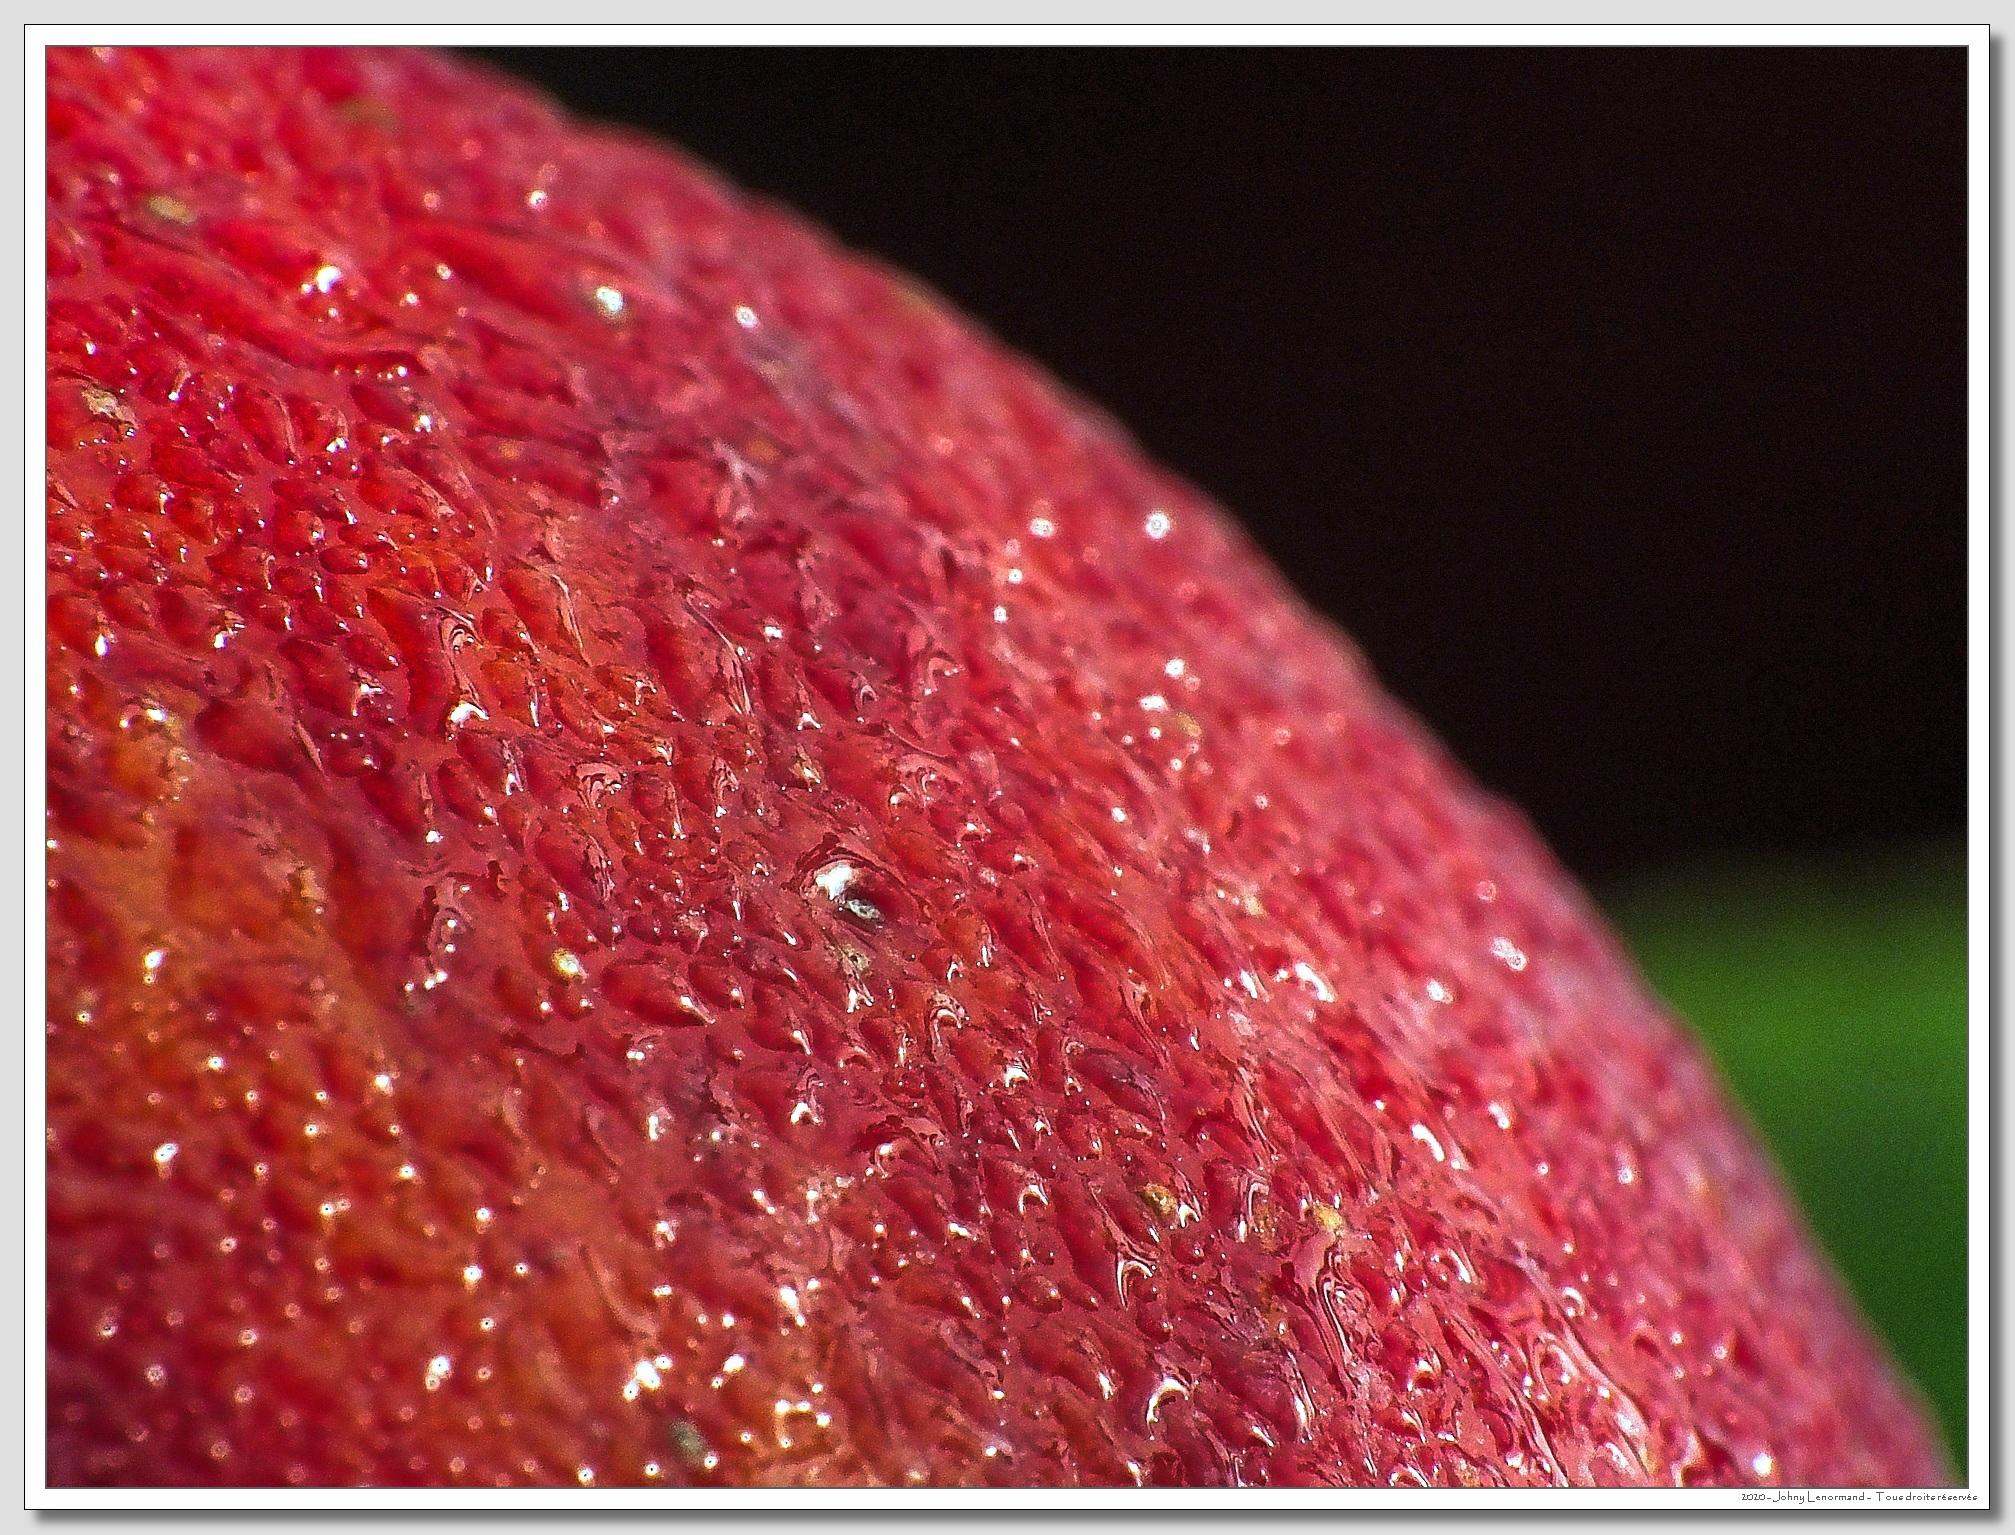 Rosée sur une pomme